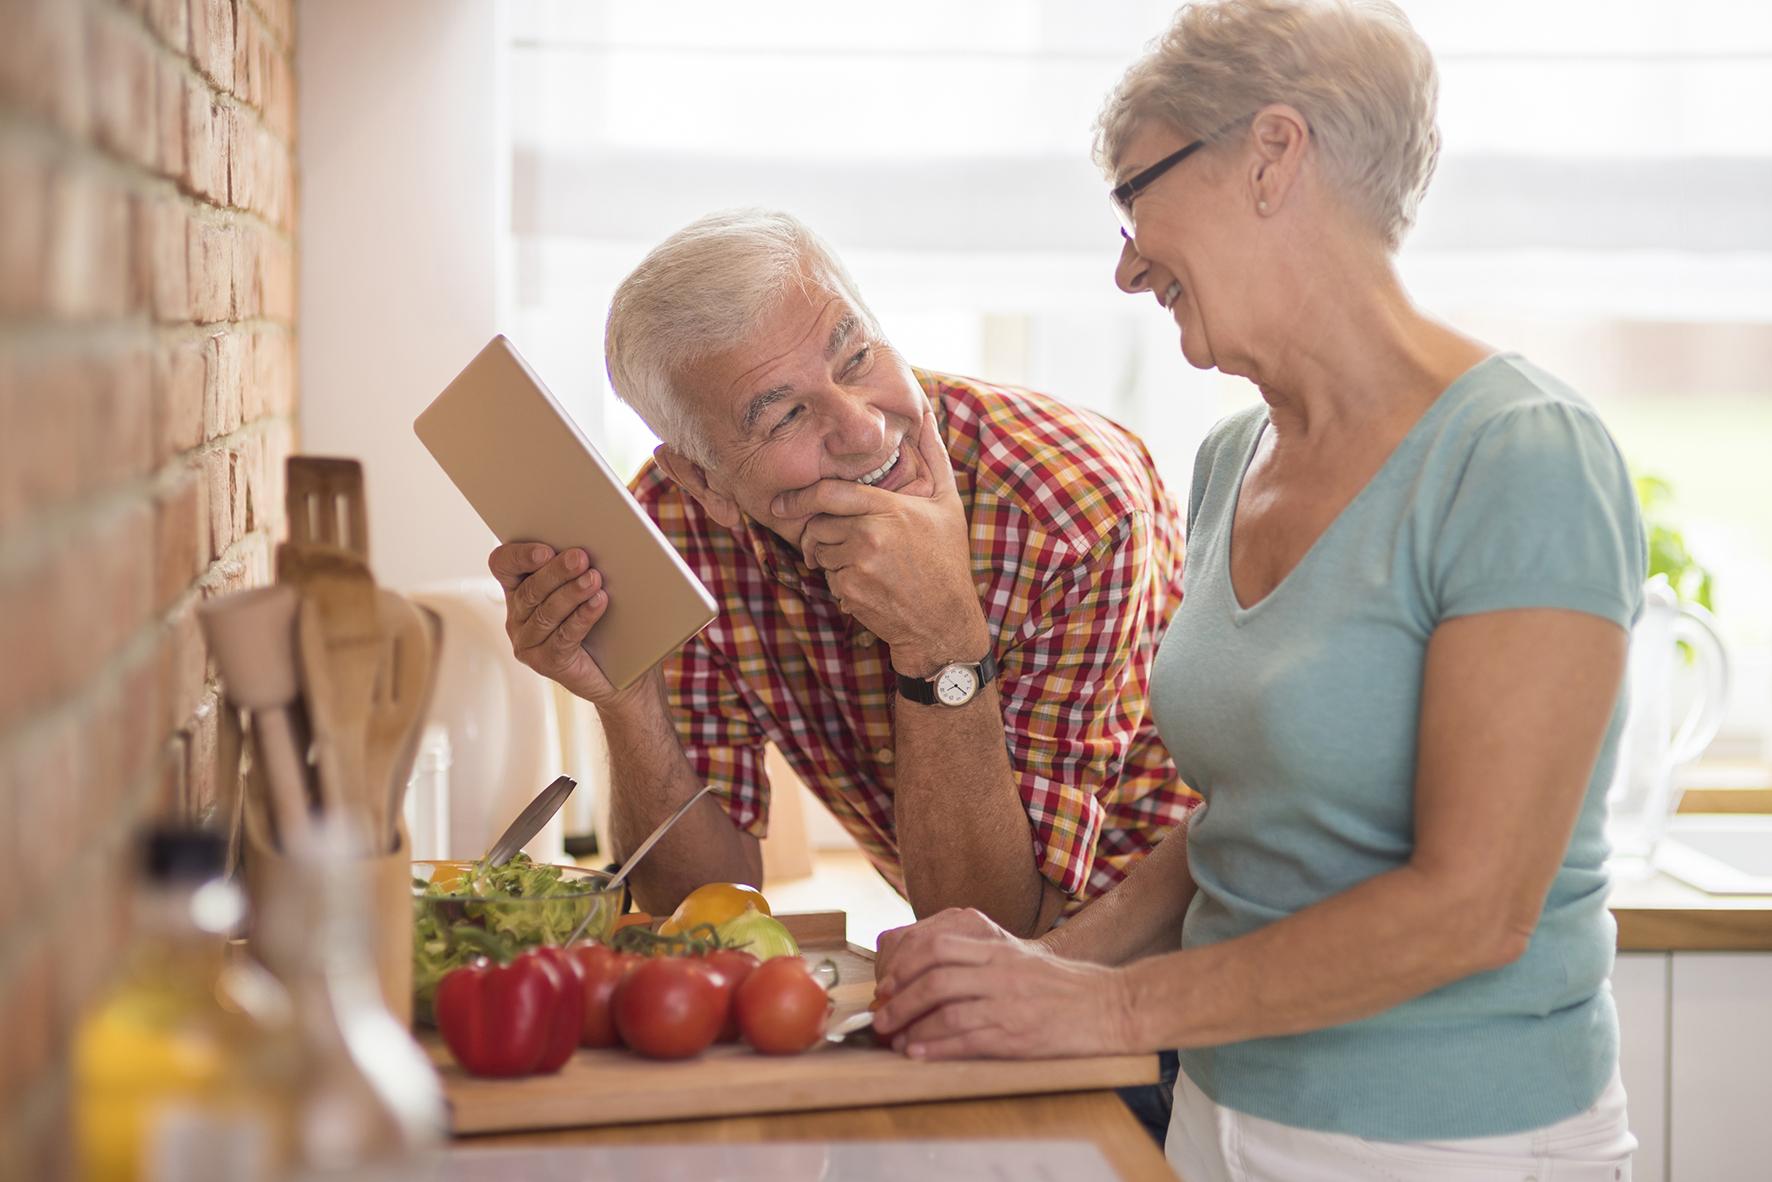 Receta para envejecer de manera saludable